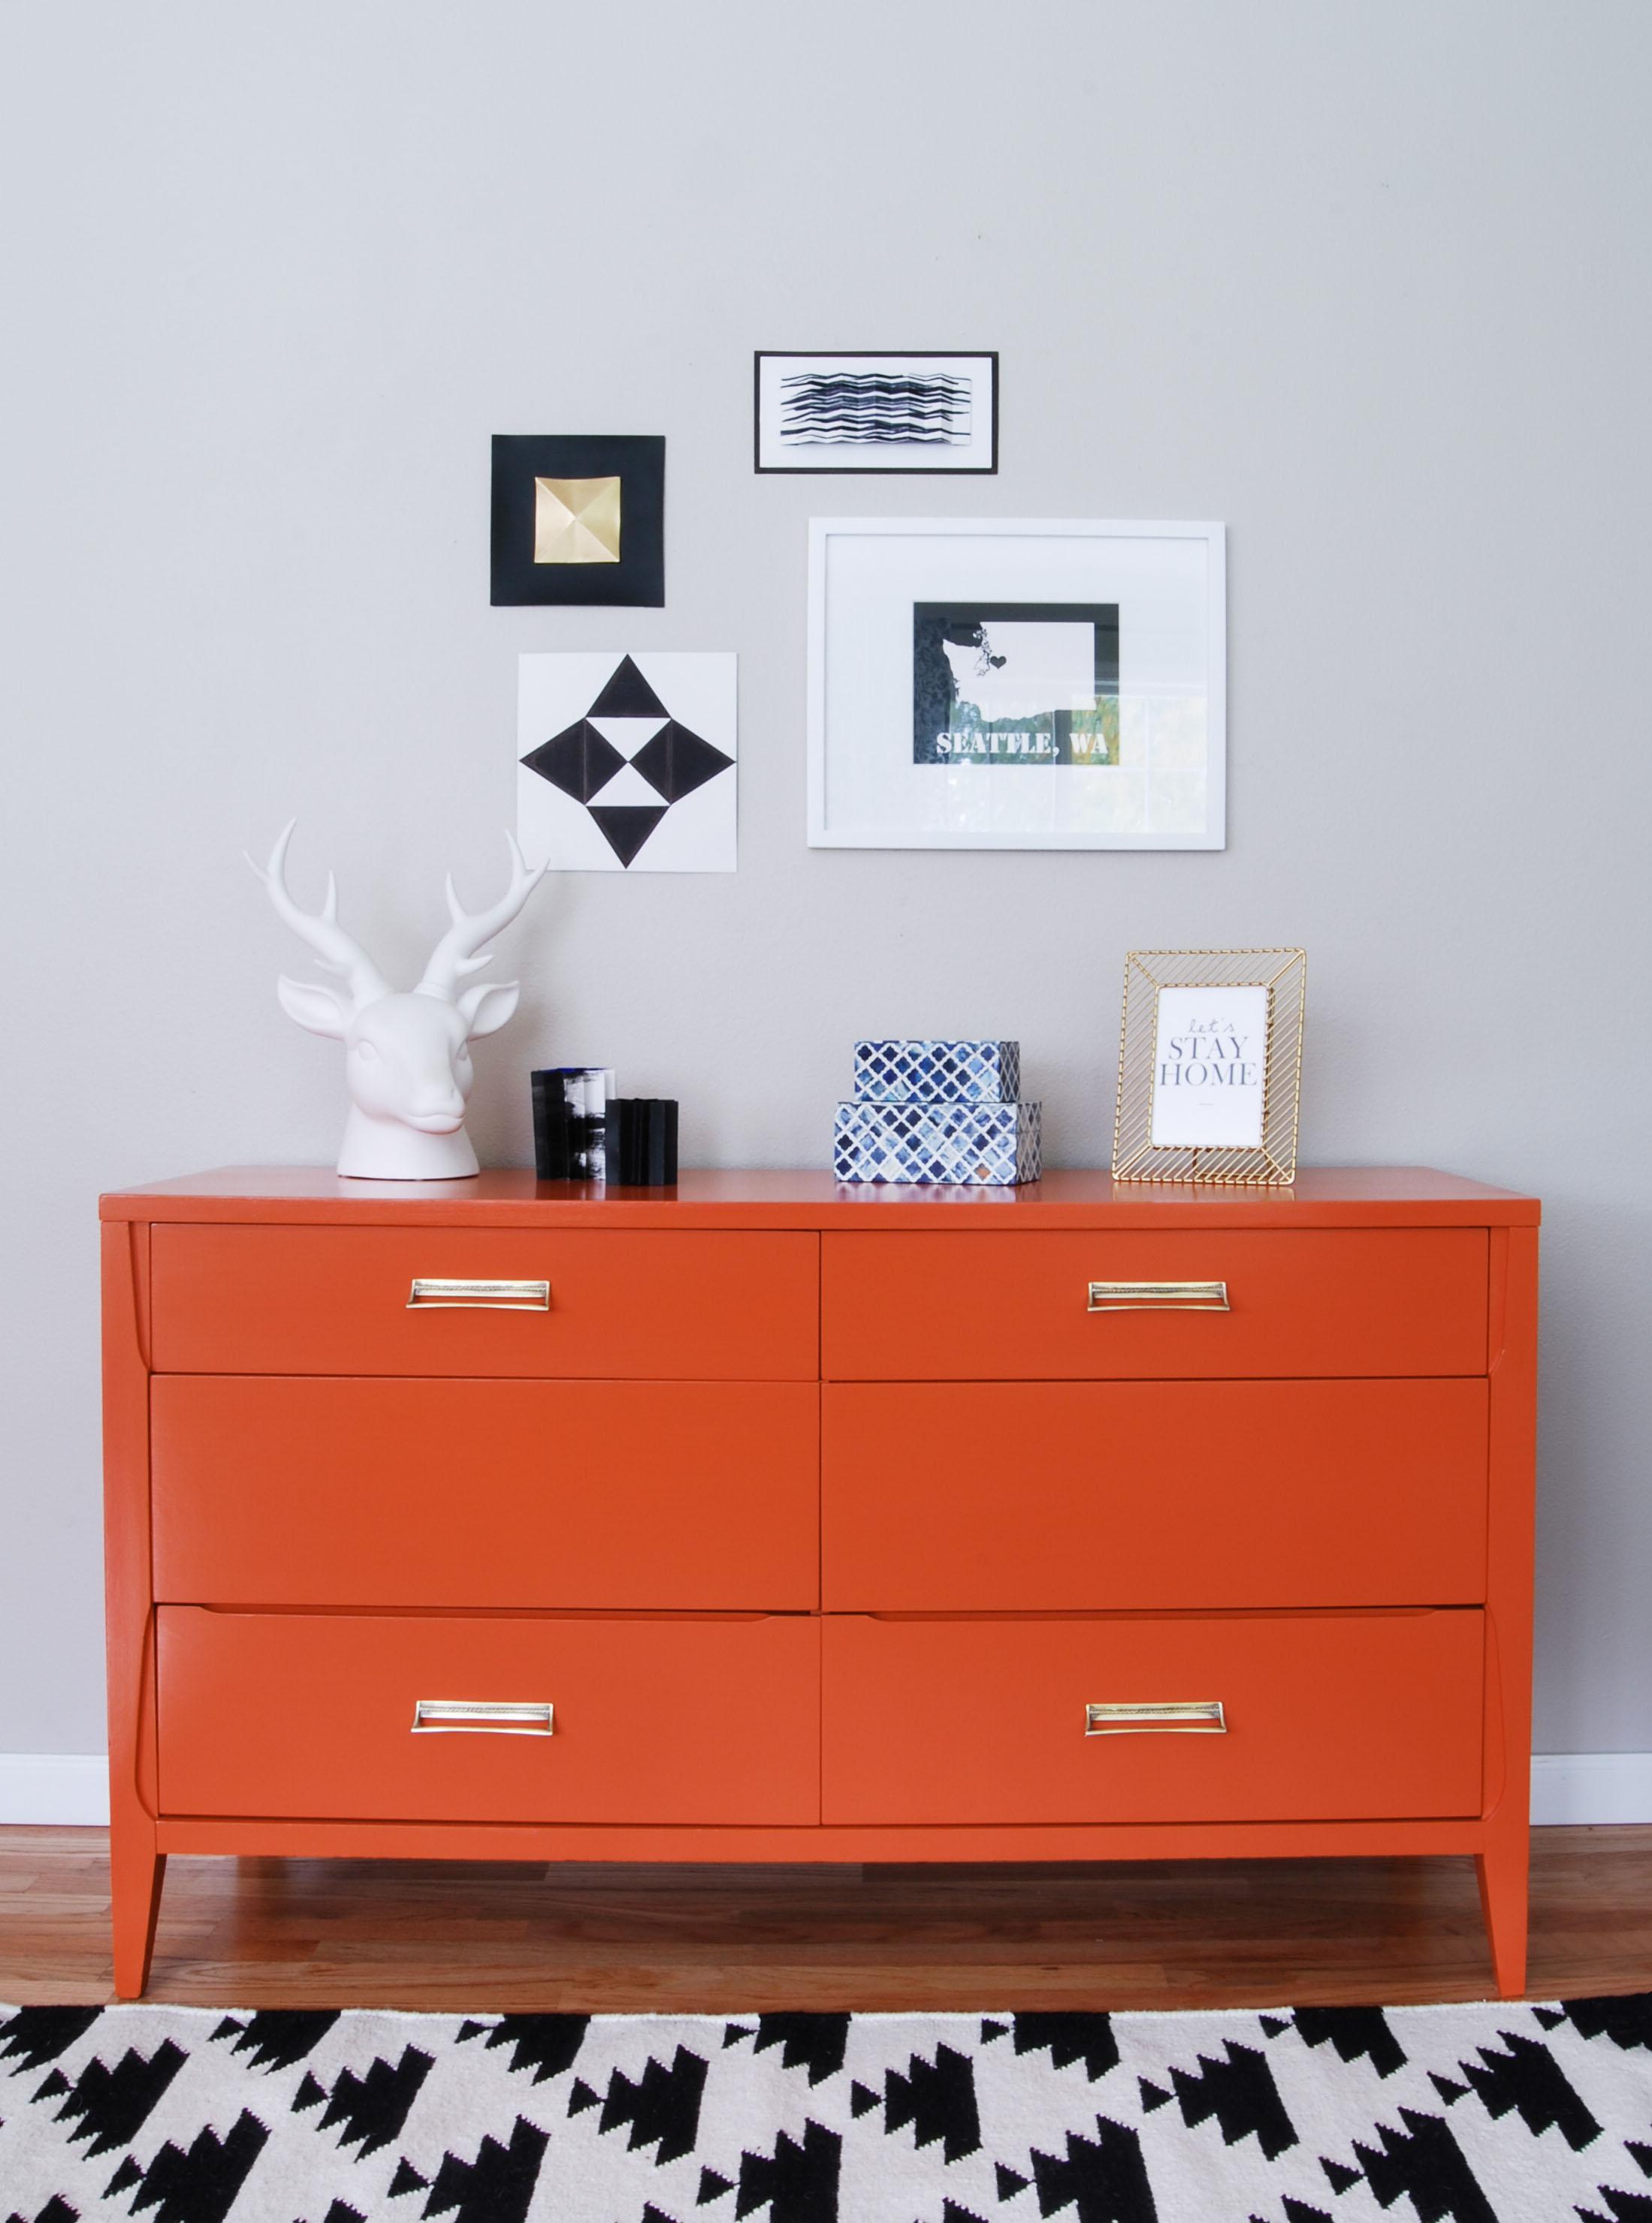 Pintar un mueble de color naranja recicla tus muebles - Pintar muebles colores ...